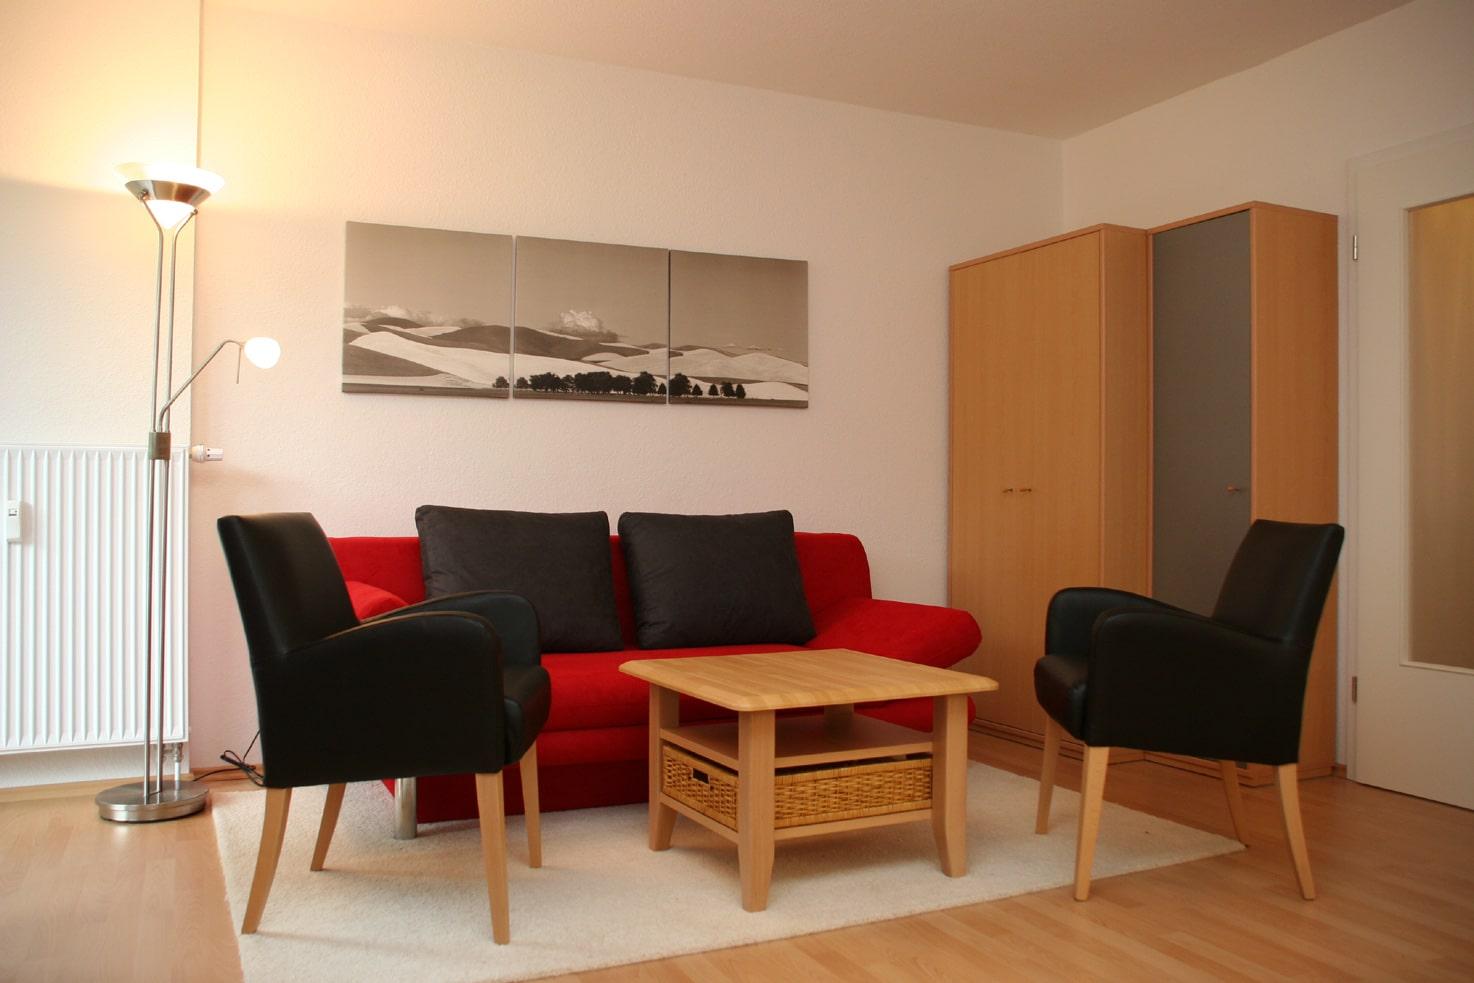 Gaestewohnungen - Wohnzimmer